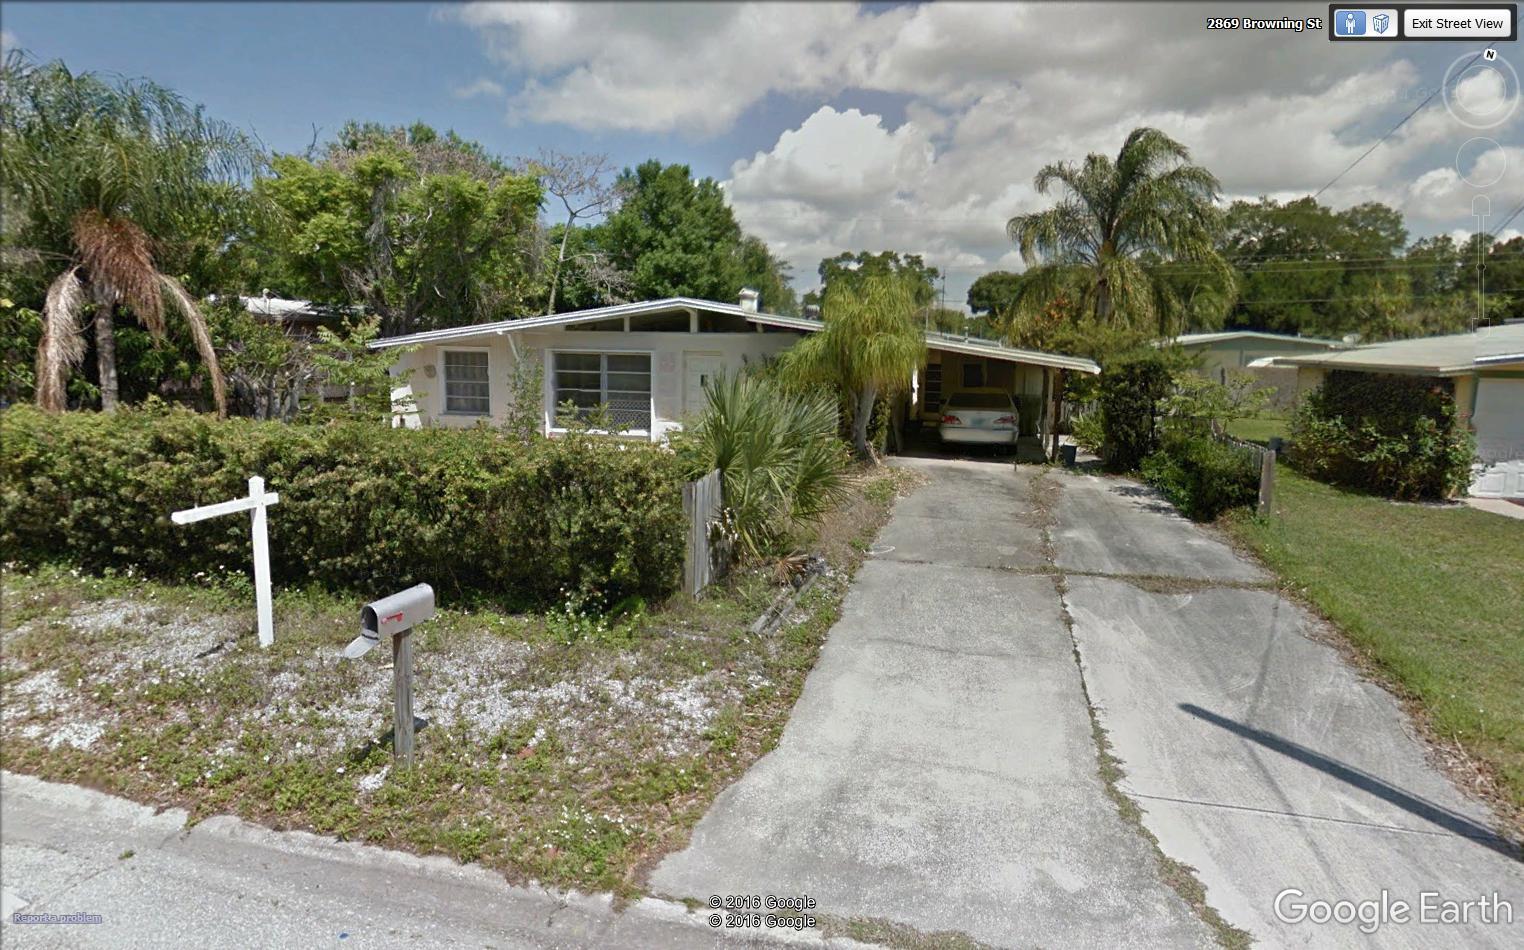 2869 Browning Stm, Sarasota, FL